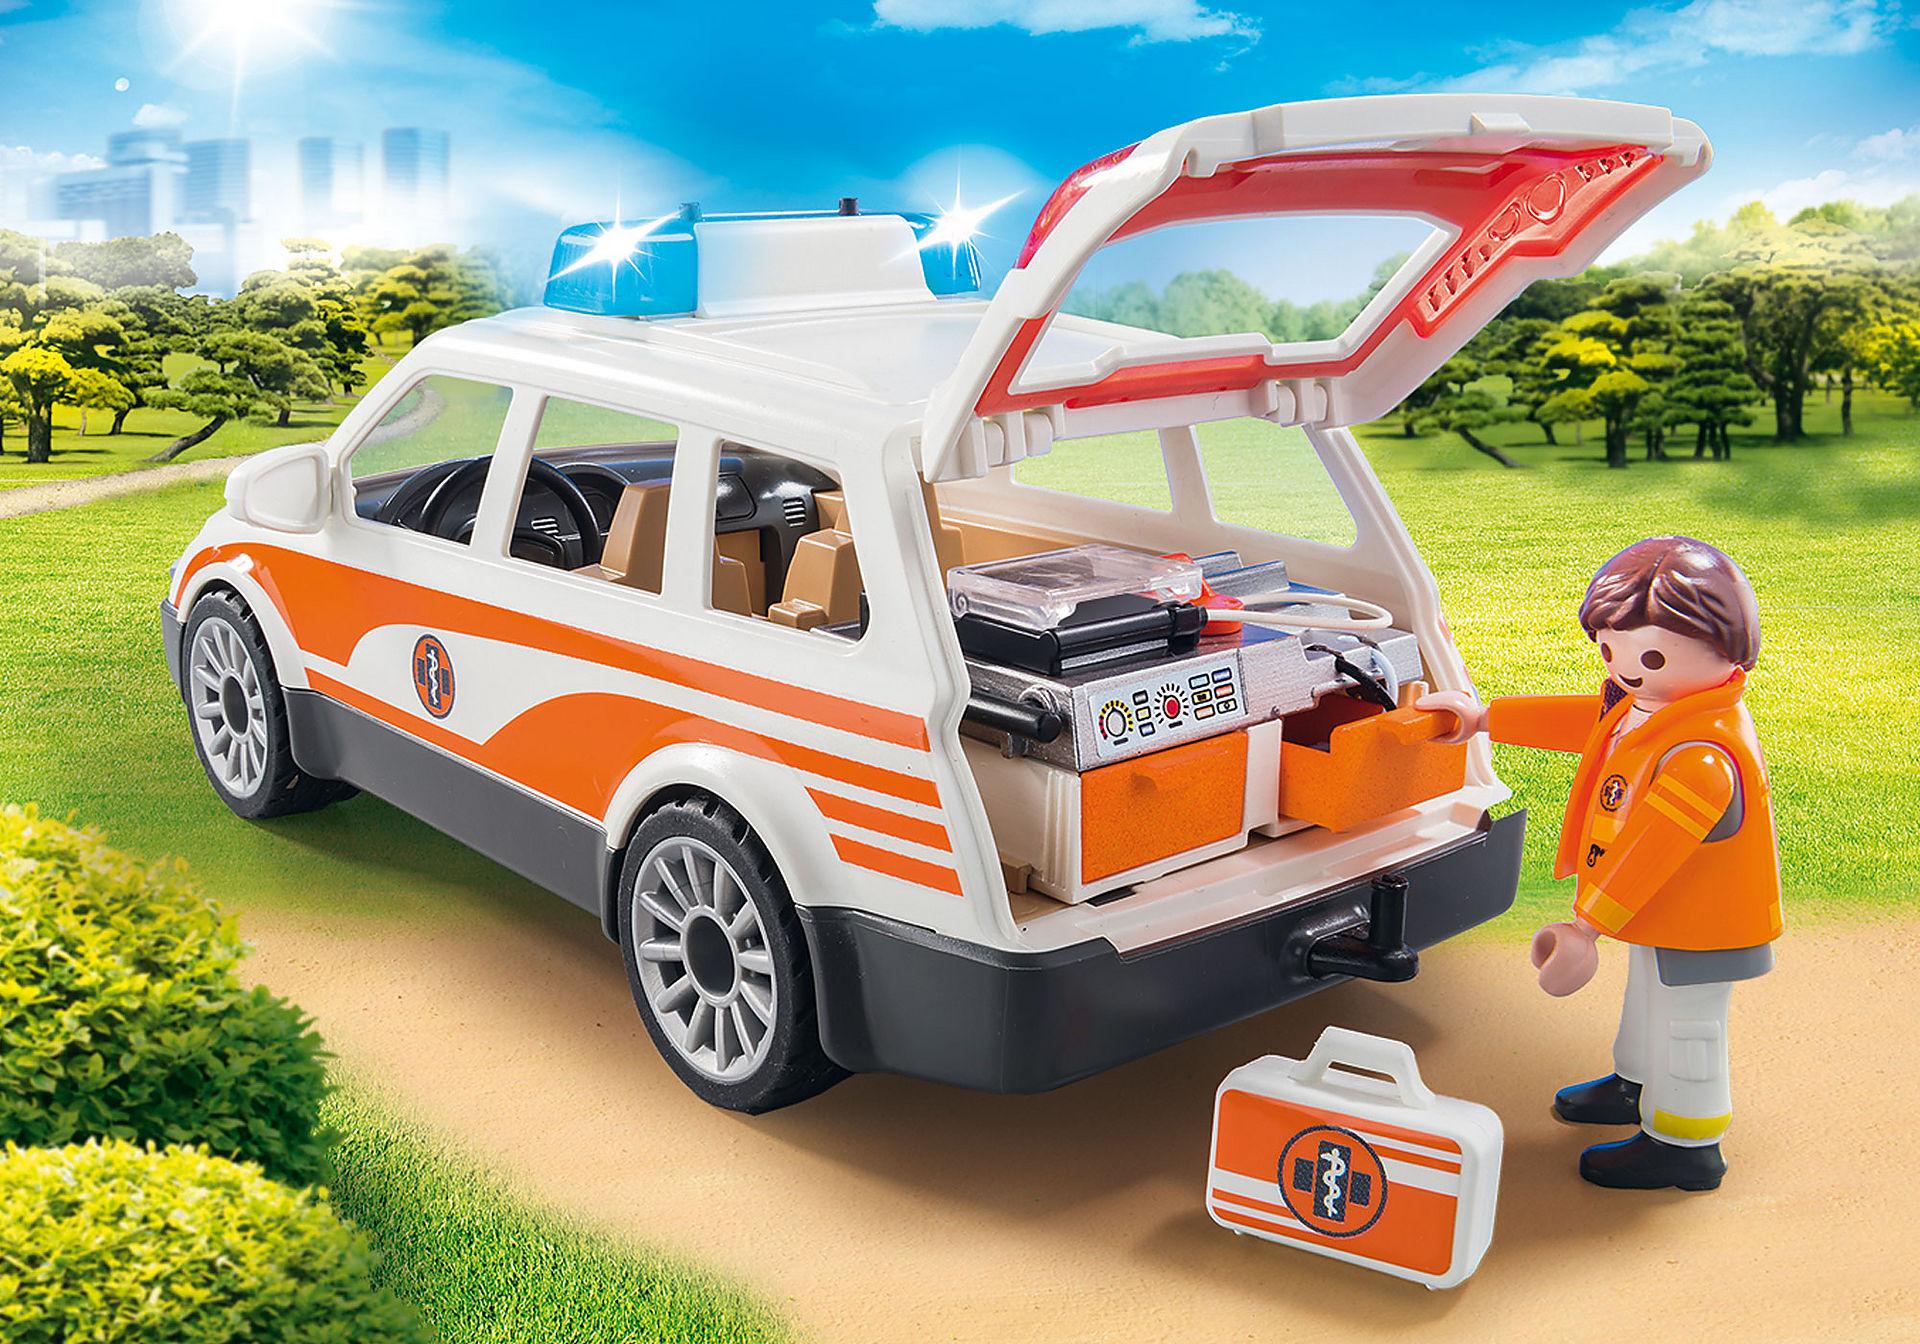 http://media.playmobil.com/i/playmobil/70050_product_extra1/Mobiel medisch team